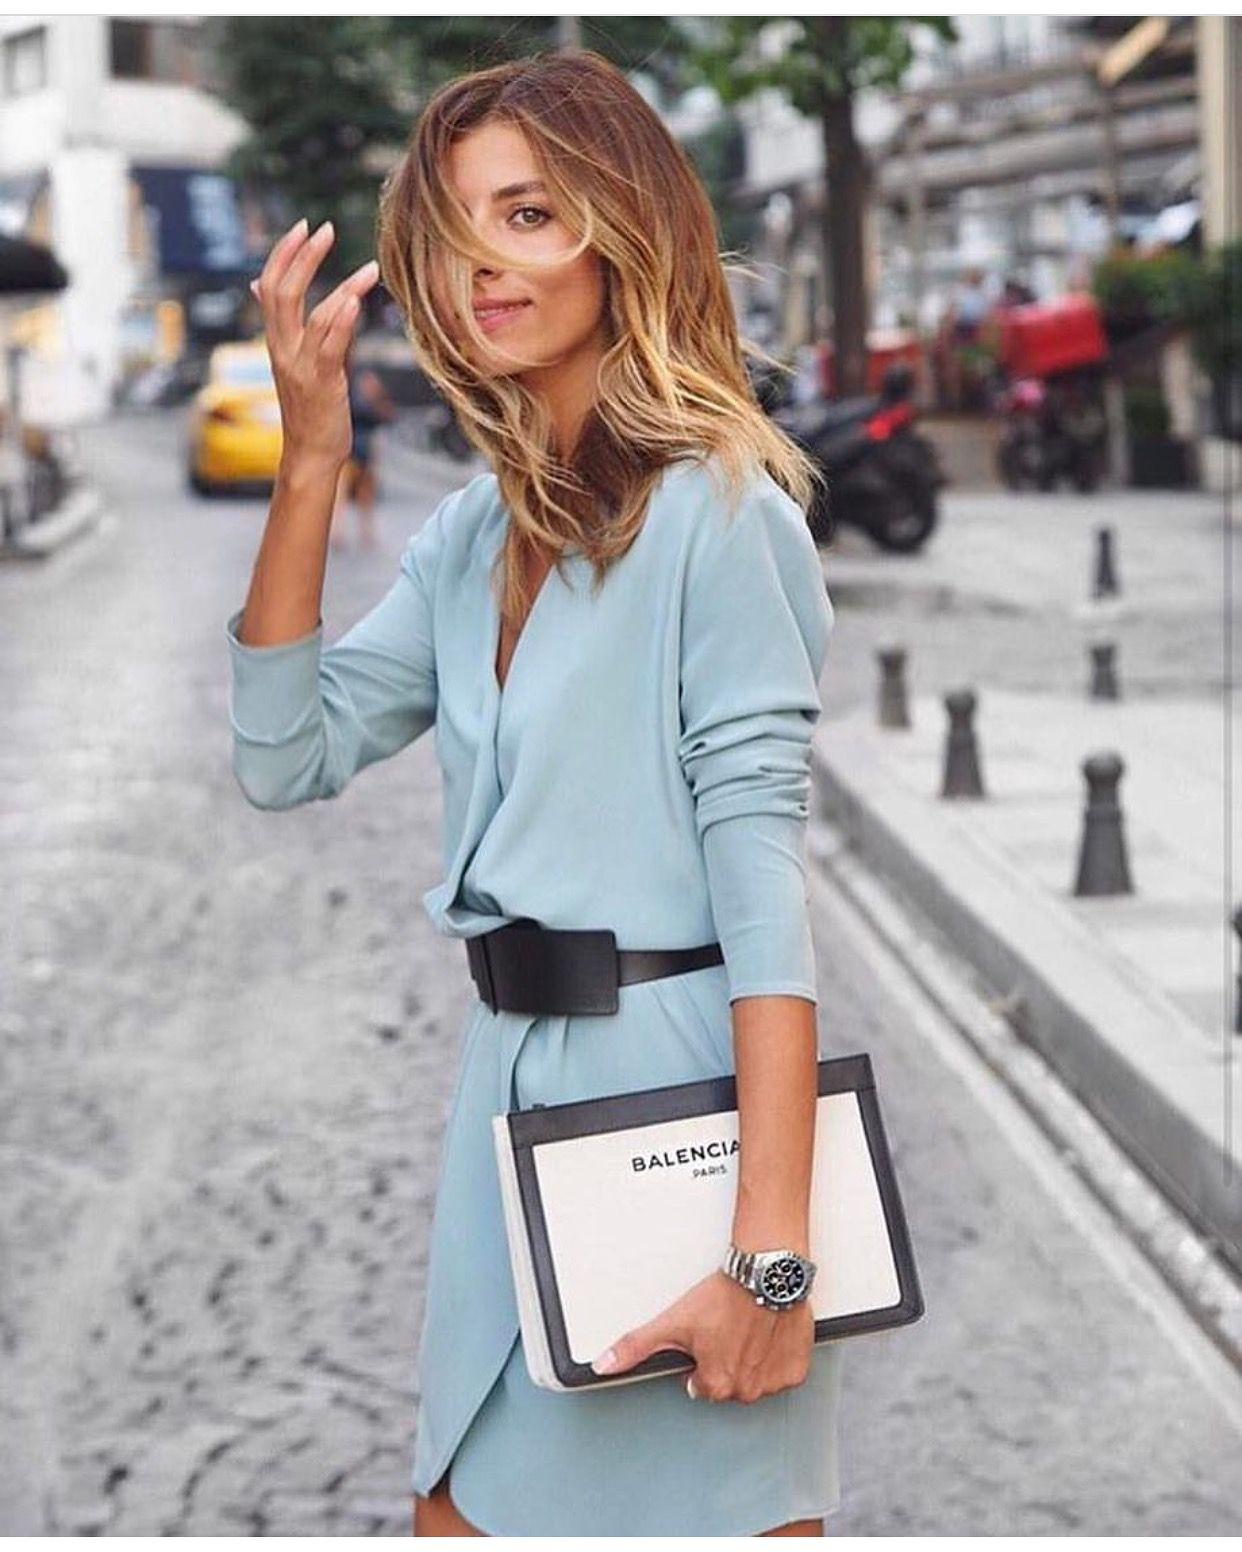 Image result for light blue dress with black belt